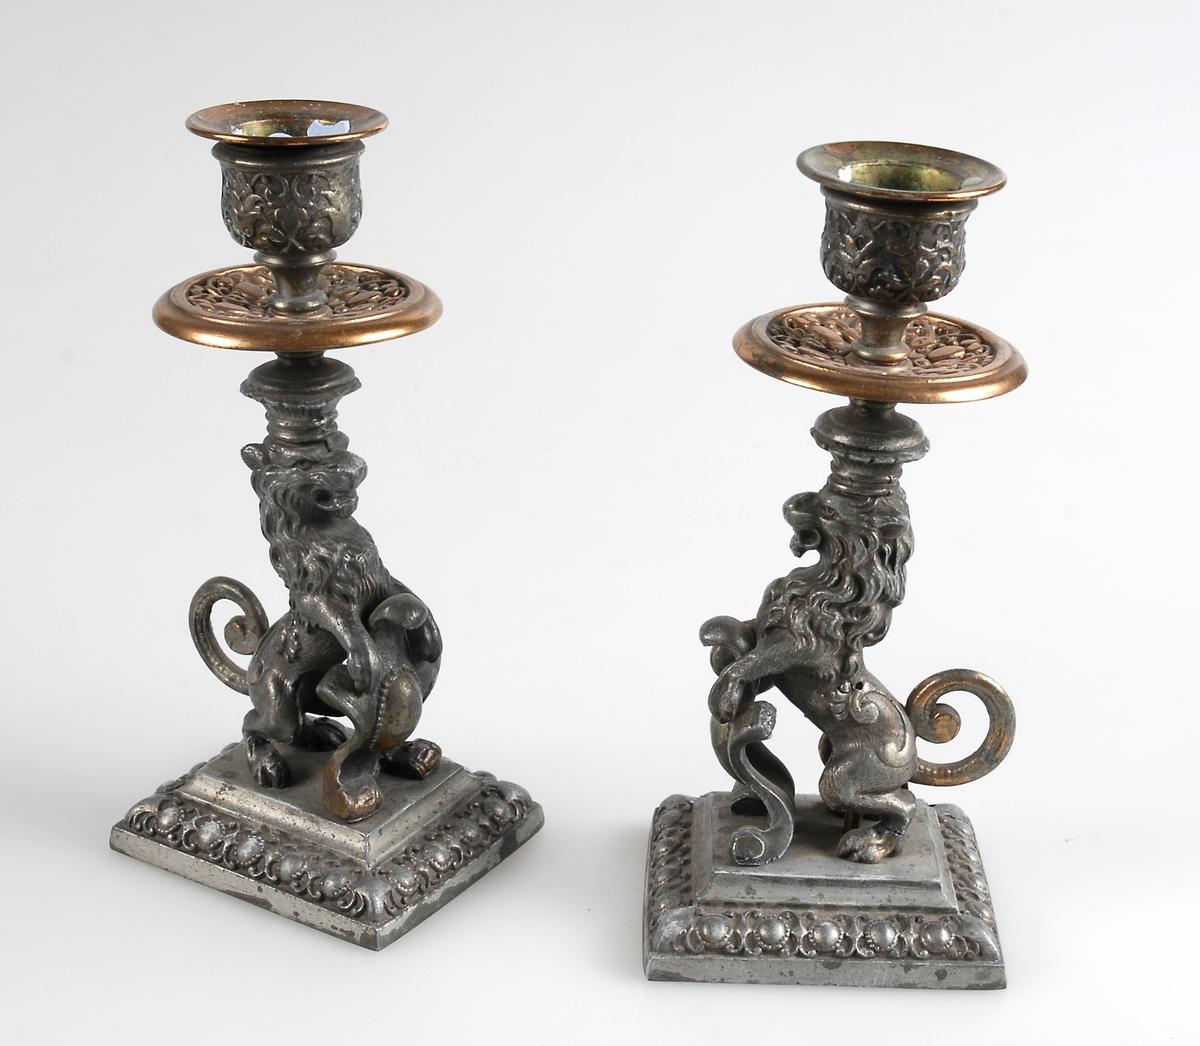 Två ljusstakar av järn med bronserad pipa och manschett. Bronsfärg även på lejonets svans och man, samt på vapnet mellan framfötterna. För övrigt målad i silverfärg.